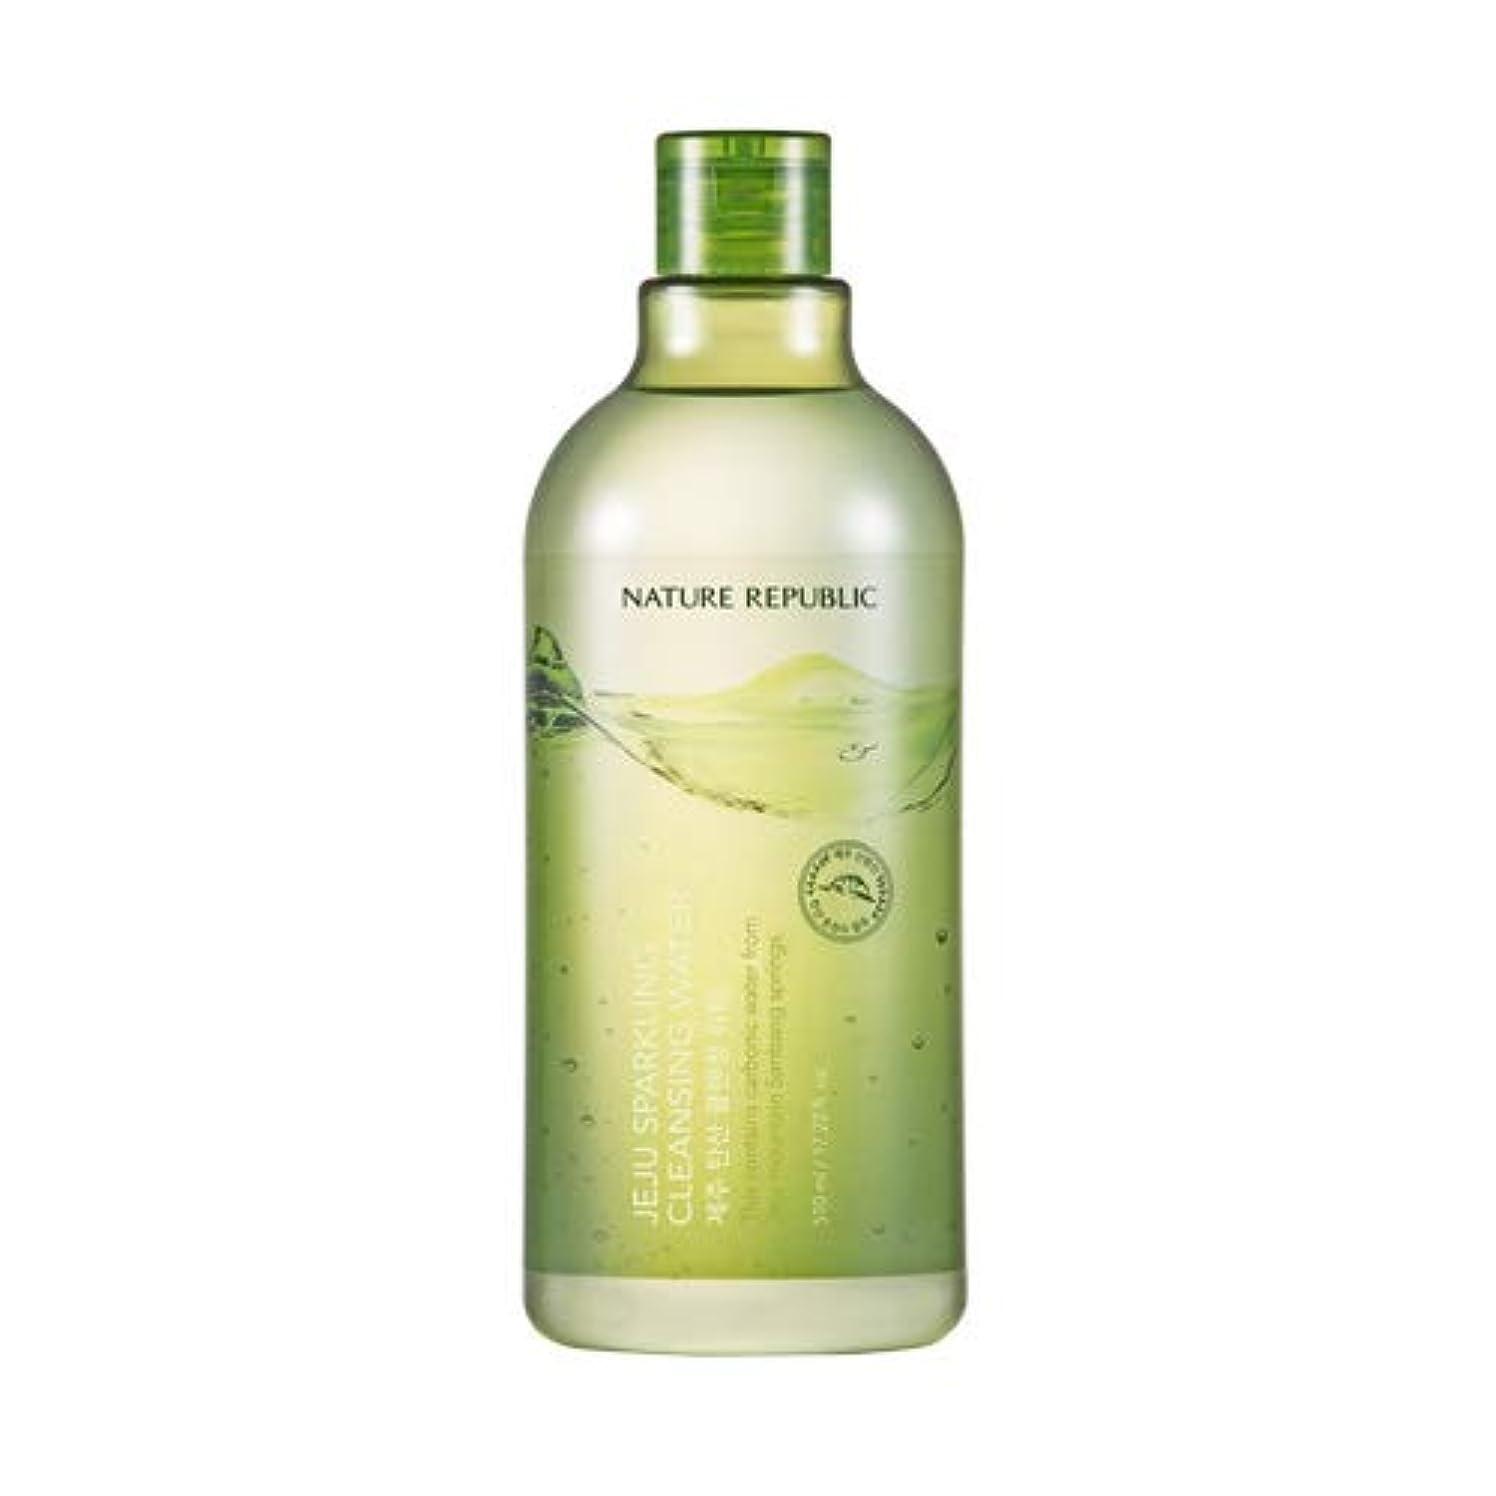 途方もない留め金扱いやすいNature republic Jeju Sparkling(Carbonic) Cleansing Water ネイチャーリパブリック済州炭酸クレンジングウォーター 510ml [並行輸入品]